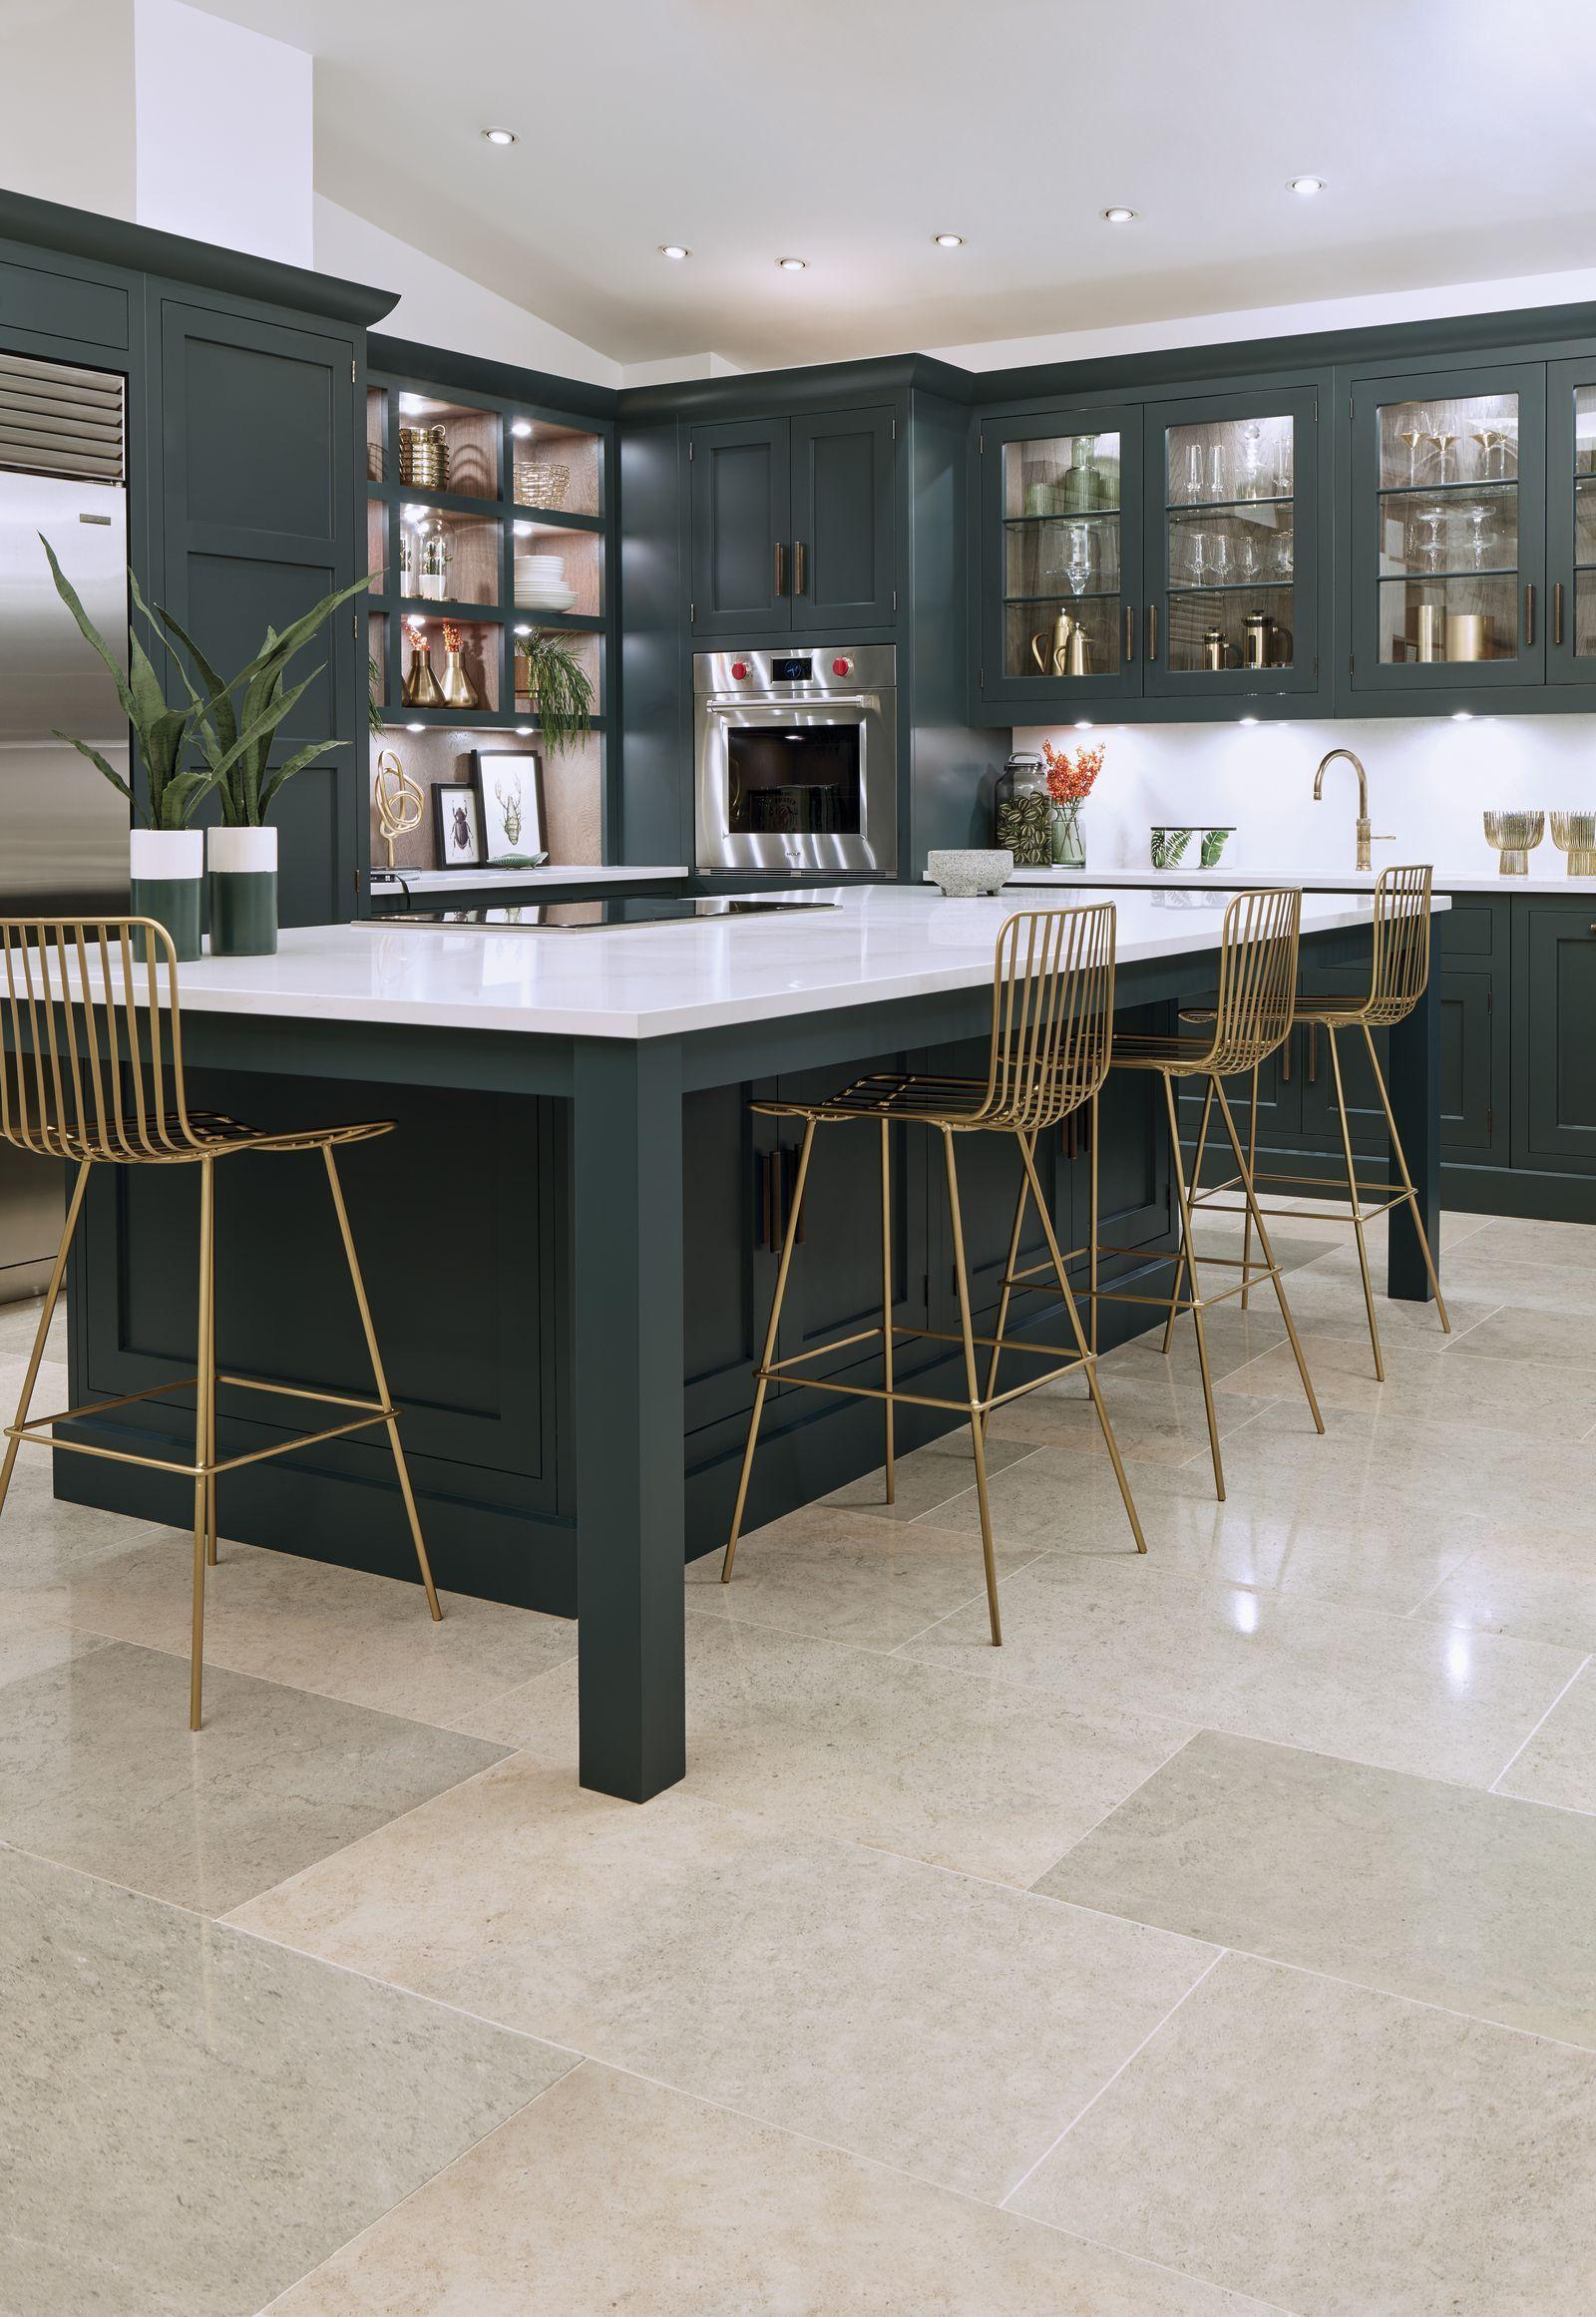 20 Stunning Dark Kitchen Ideas In 2020 Dark Green Kitchen Shaker Style Kitchens Dark Kitchen Cabinets